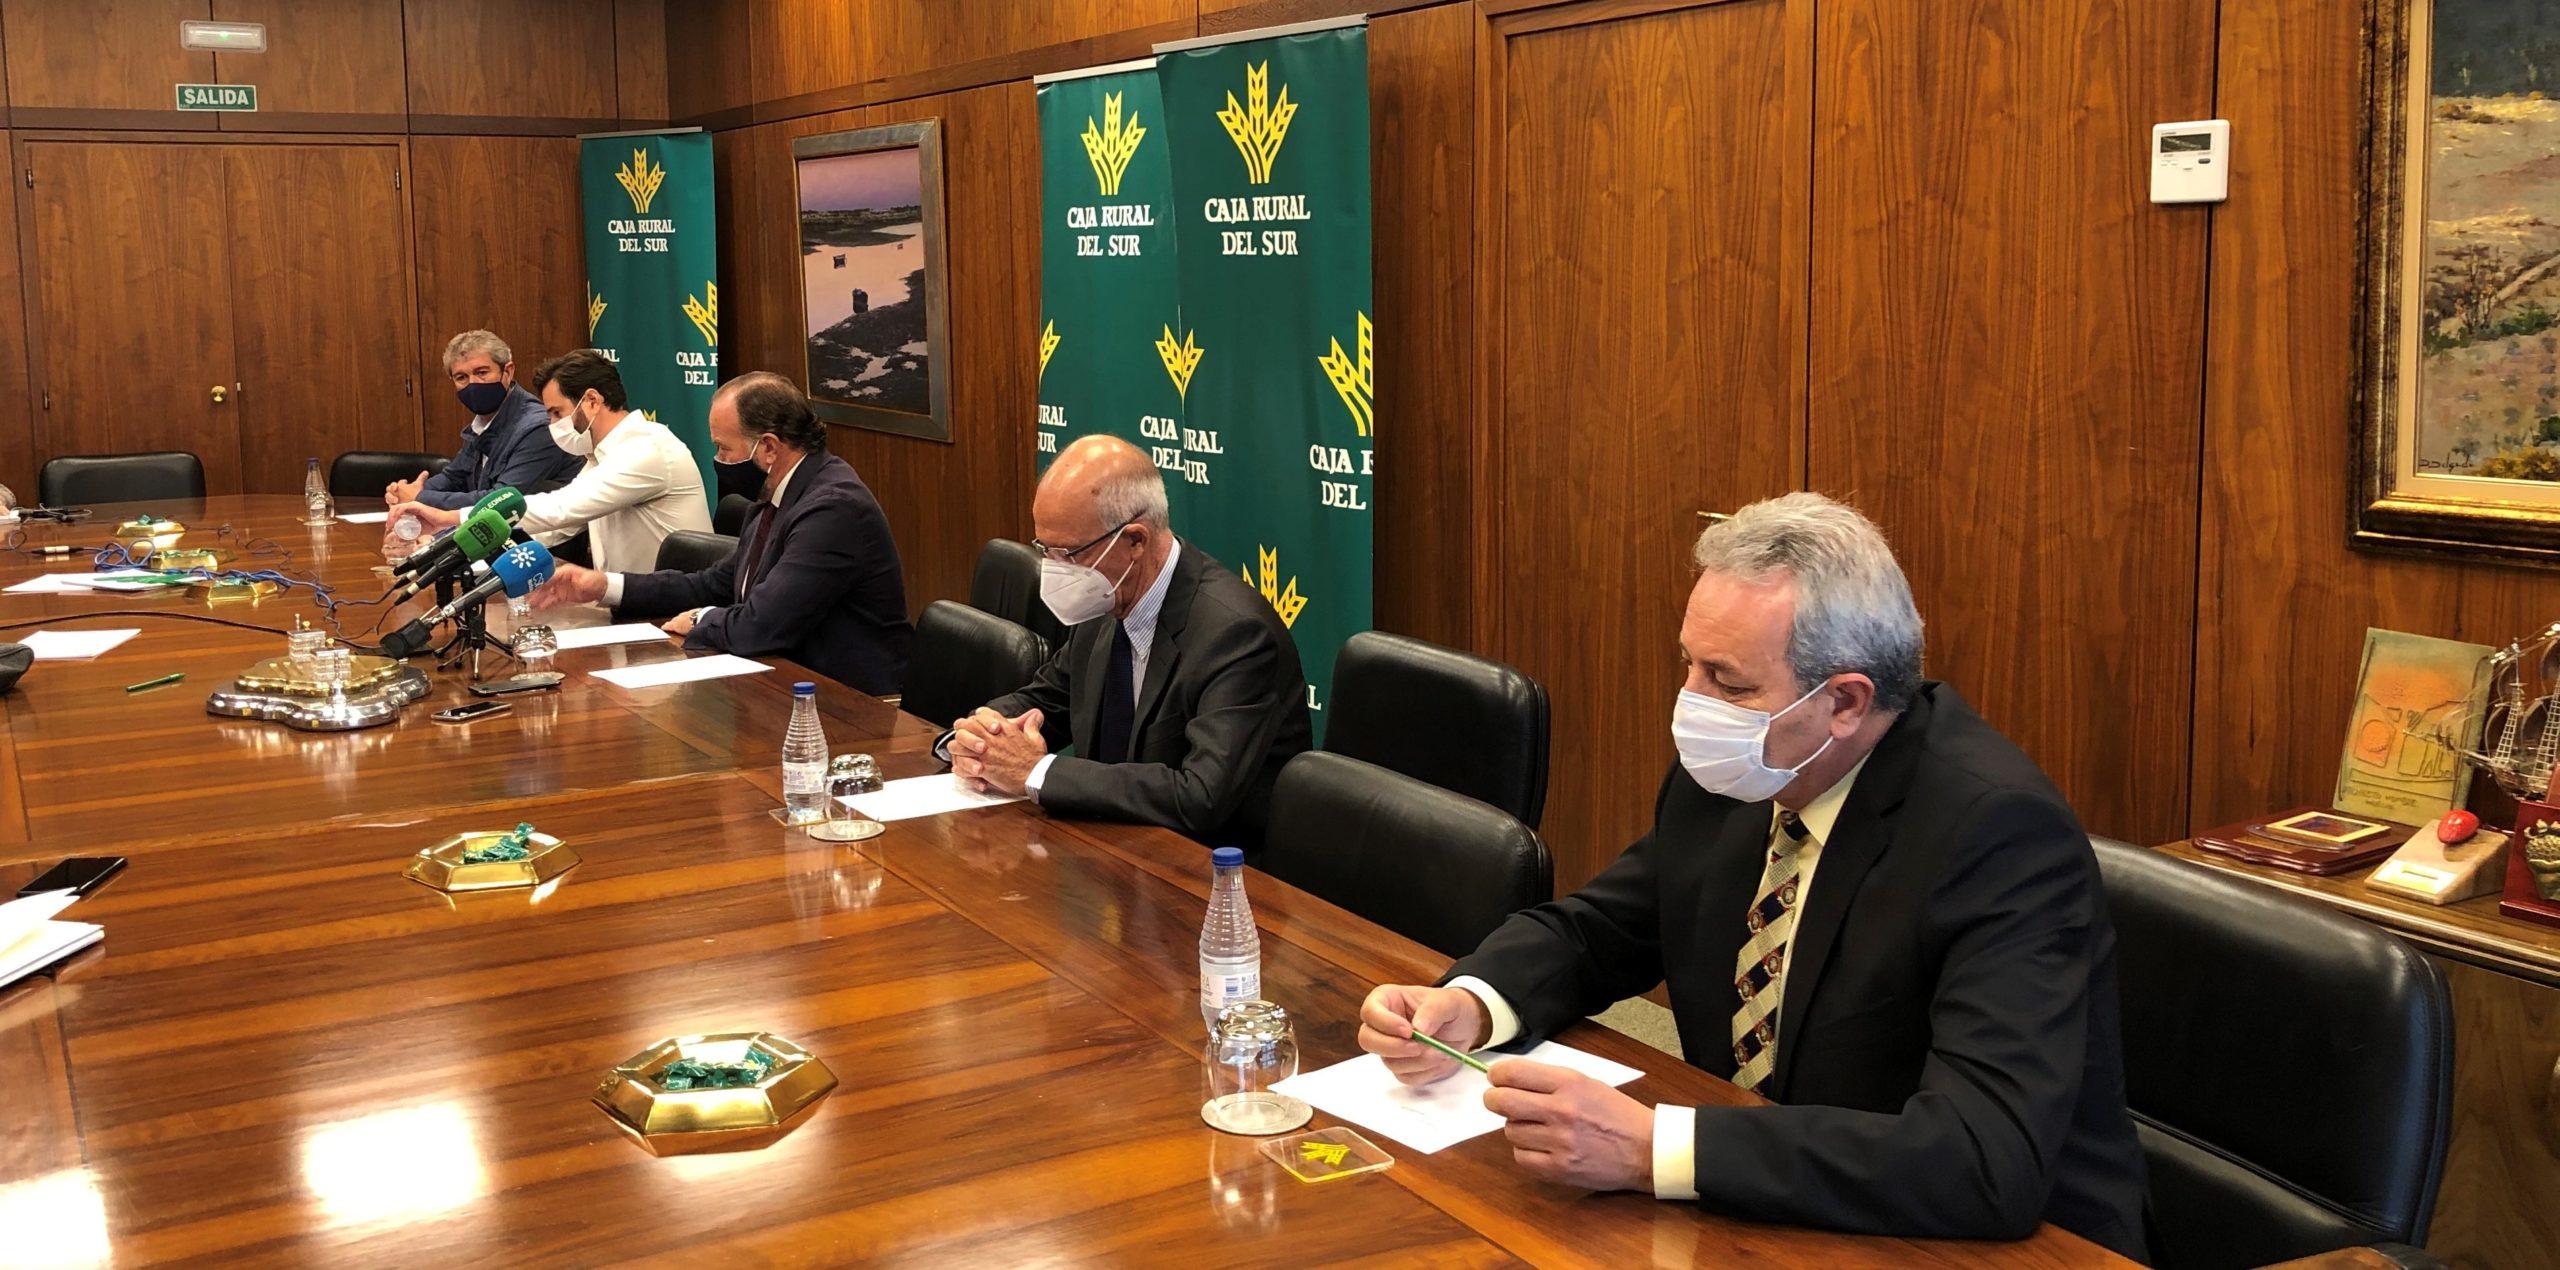 Caja Rural del Sur aporta 4 millones de euros para apoyar junto a otras empresas proyectos de inversión relevantes para Huelva